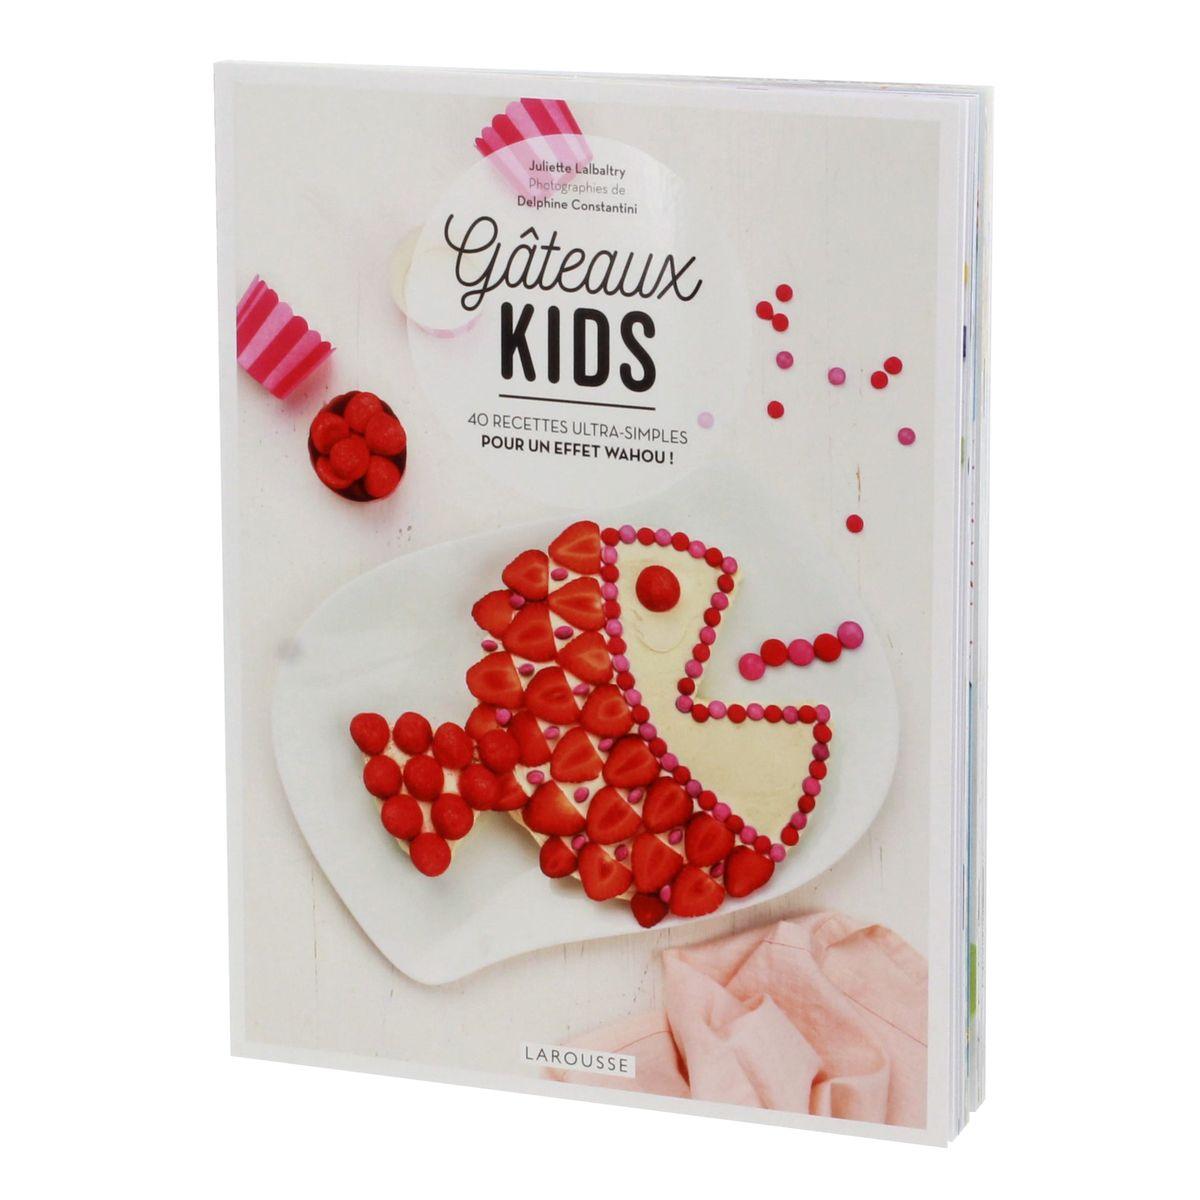 Gâteaux kids - Hachette Pratique